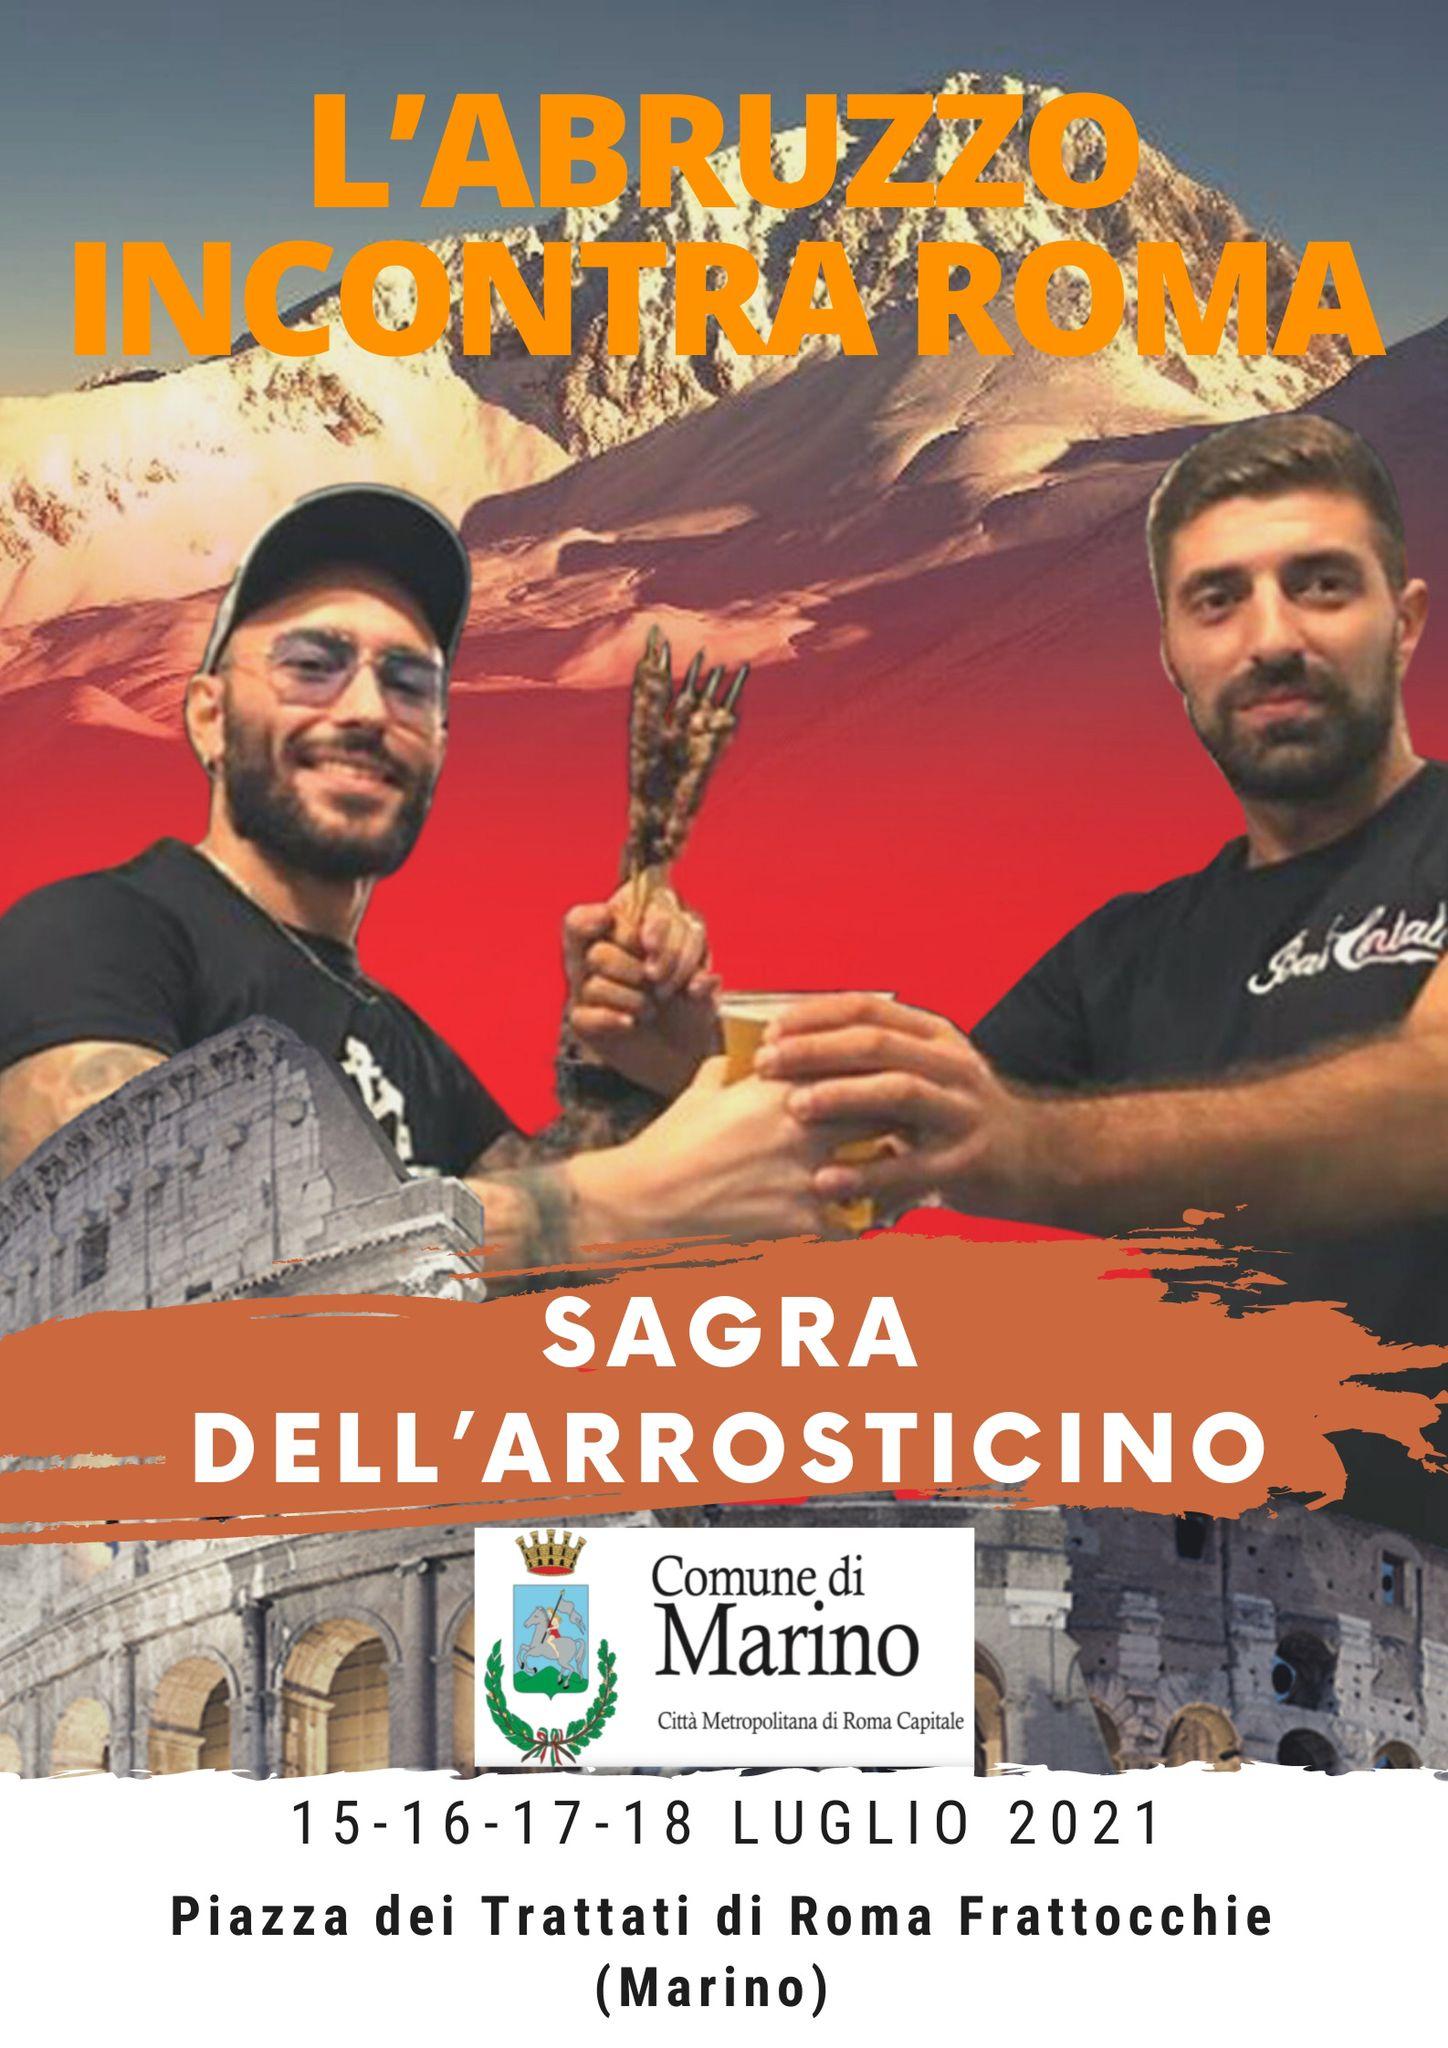 Marino, terza edizione della sagra dell'arrosticino